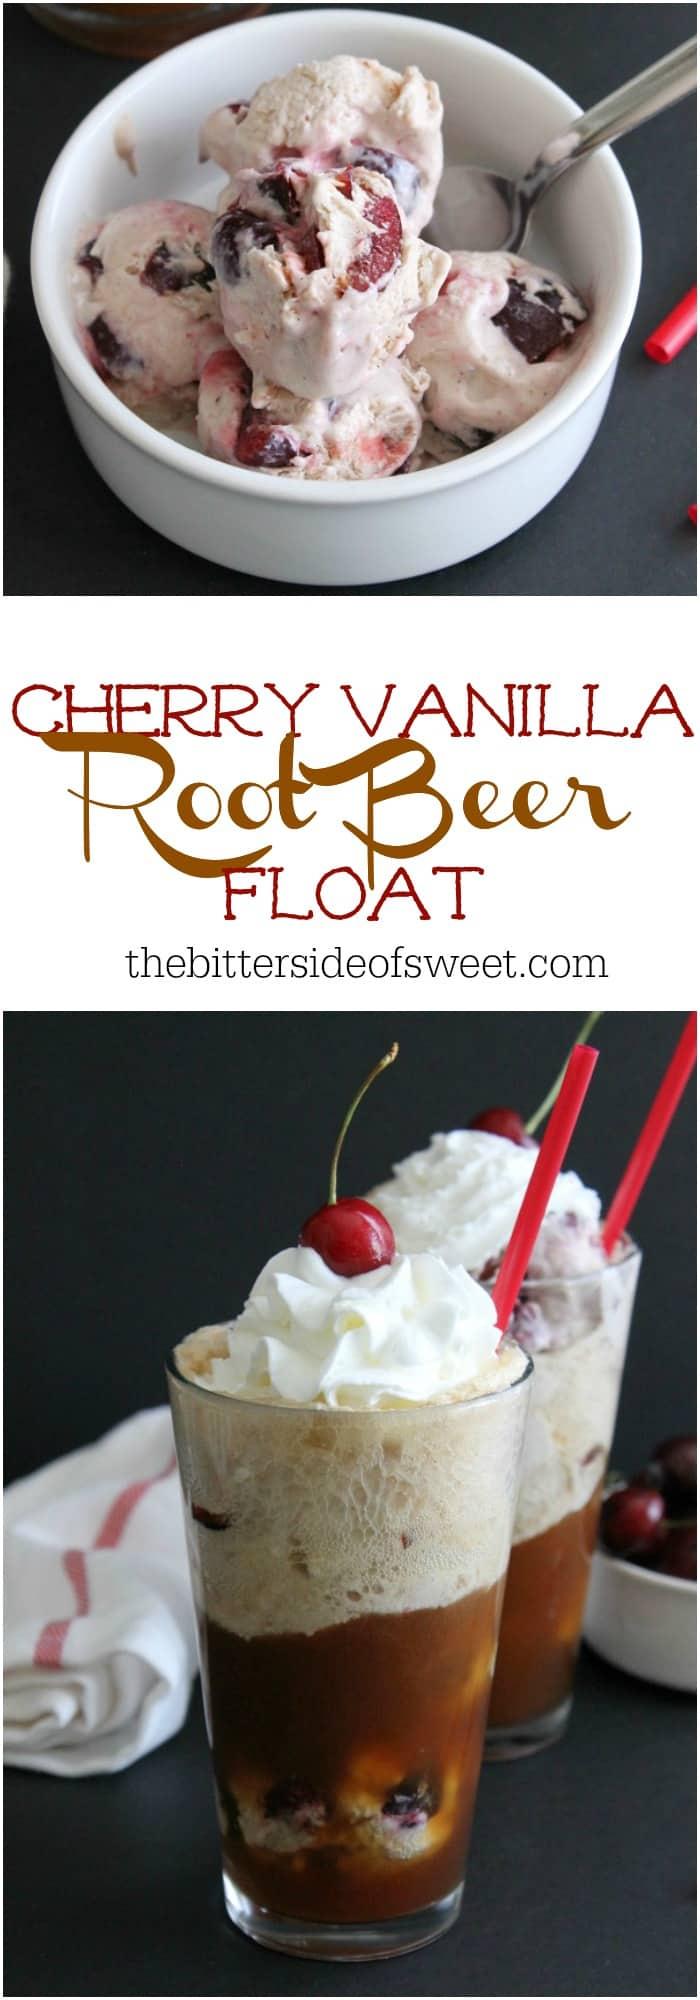 Cherry Vanilla Root Beer Float